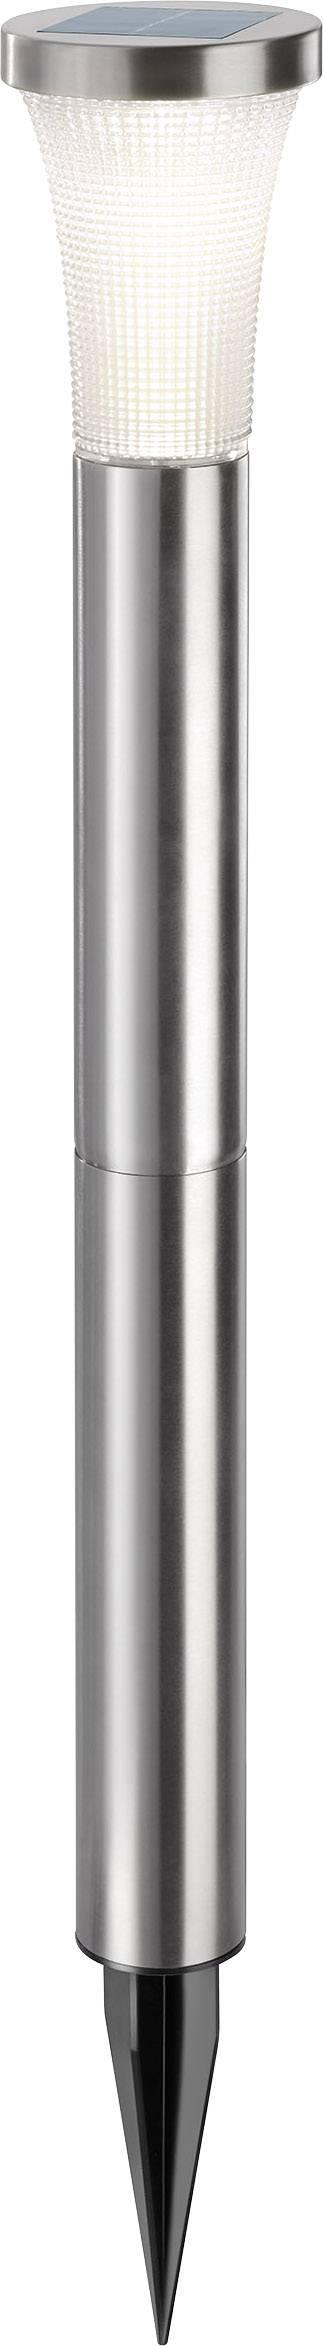 LED solární zahradní svítidlo Esotec Tower Light 102603, IP44, nerezová ocel, teplá bílá